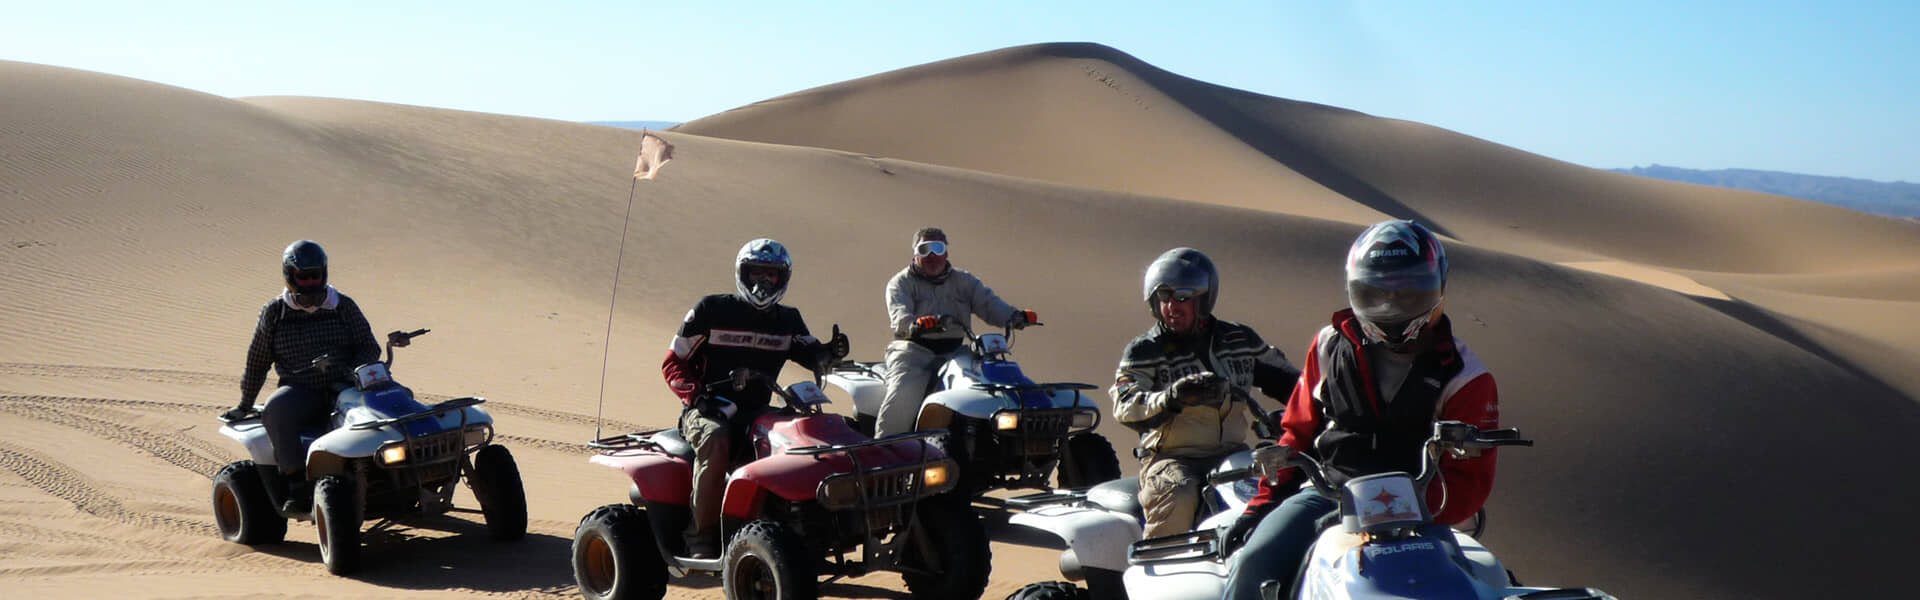 Team Building Desert